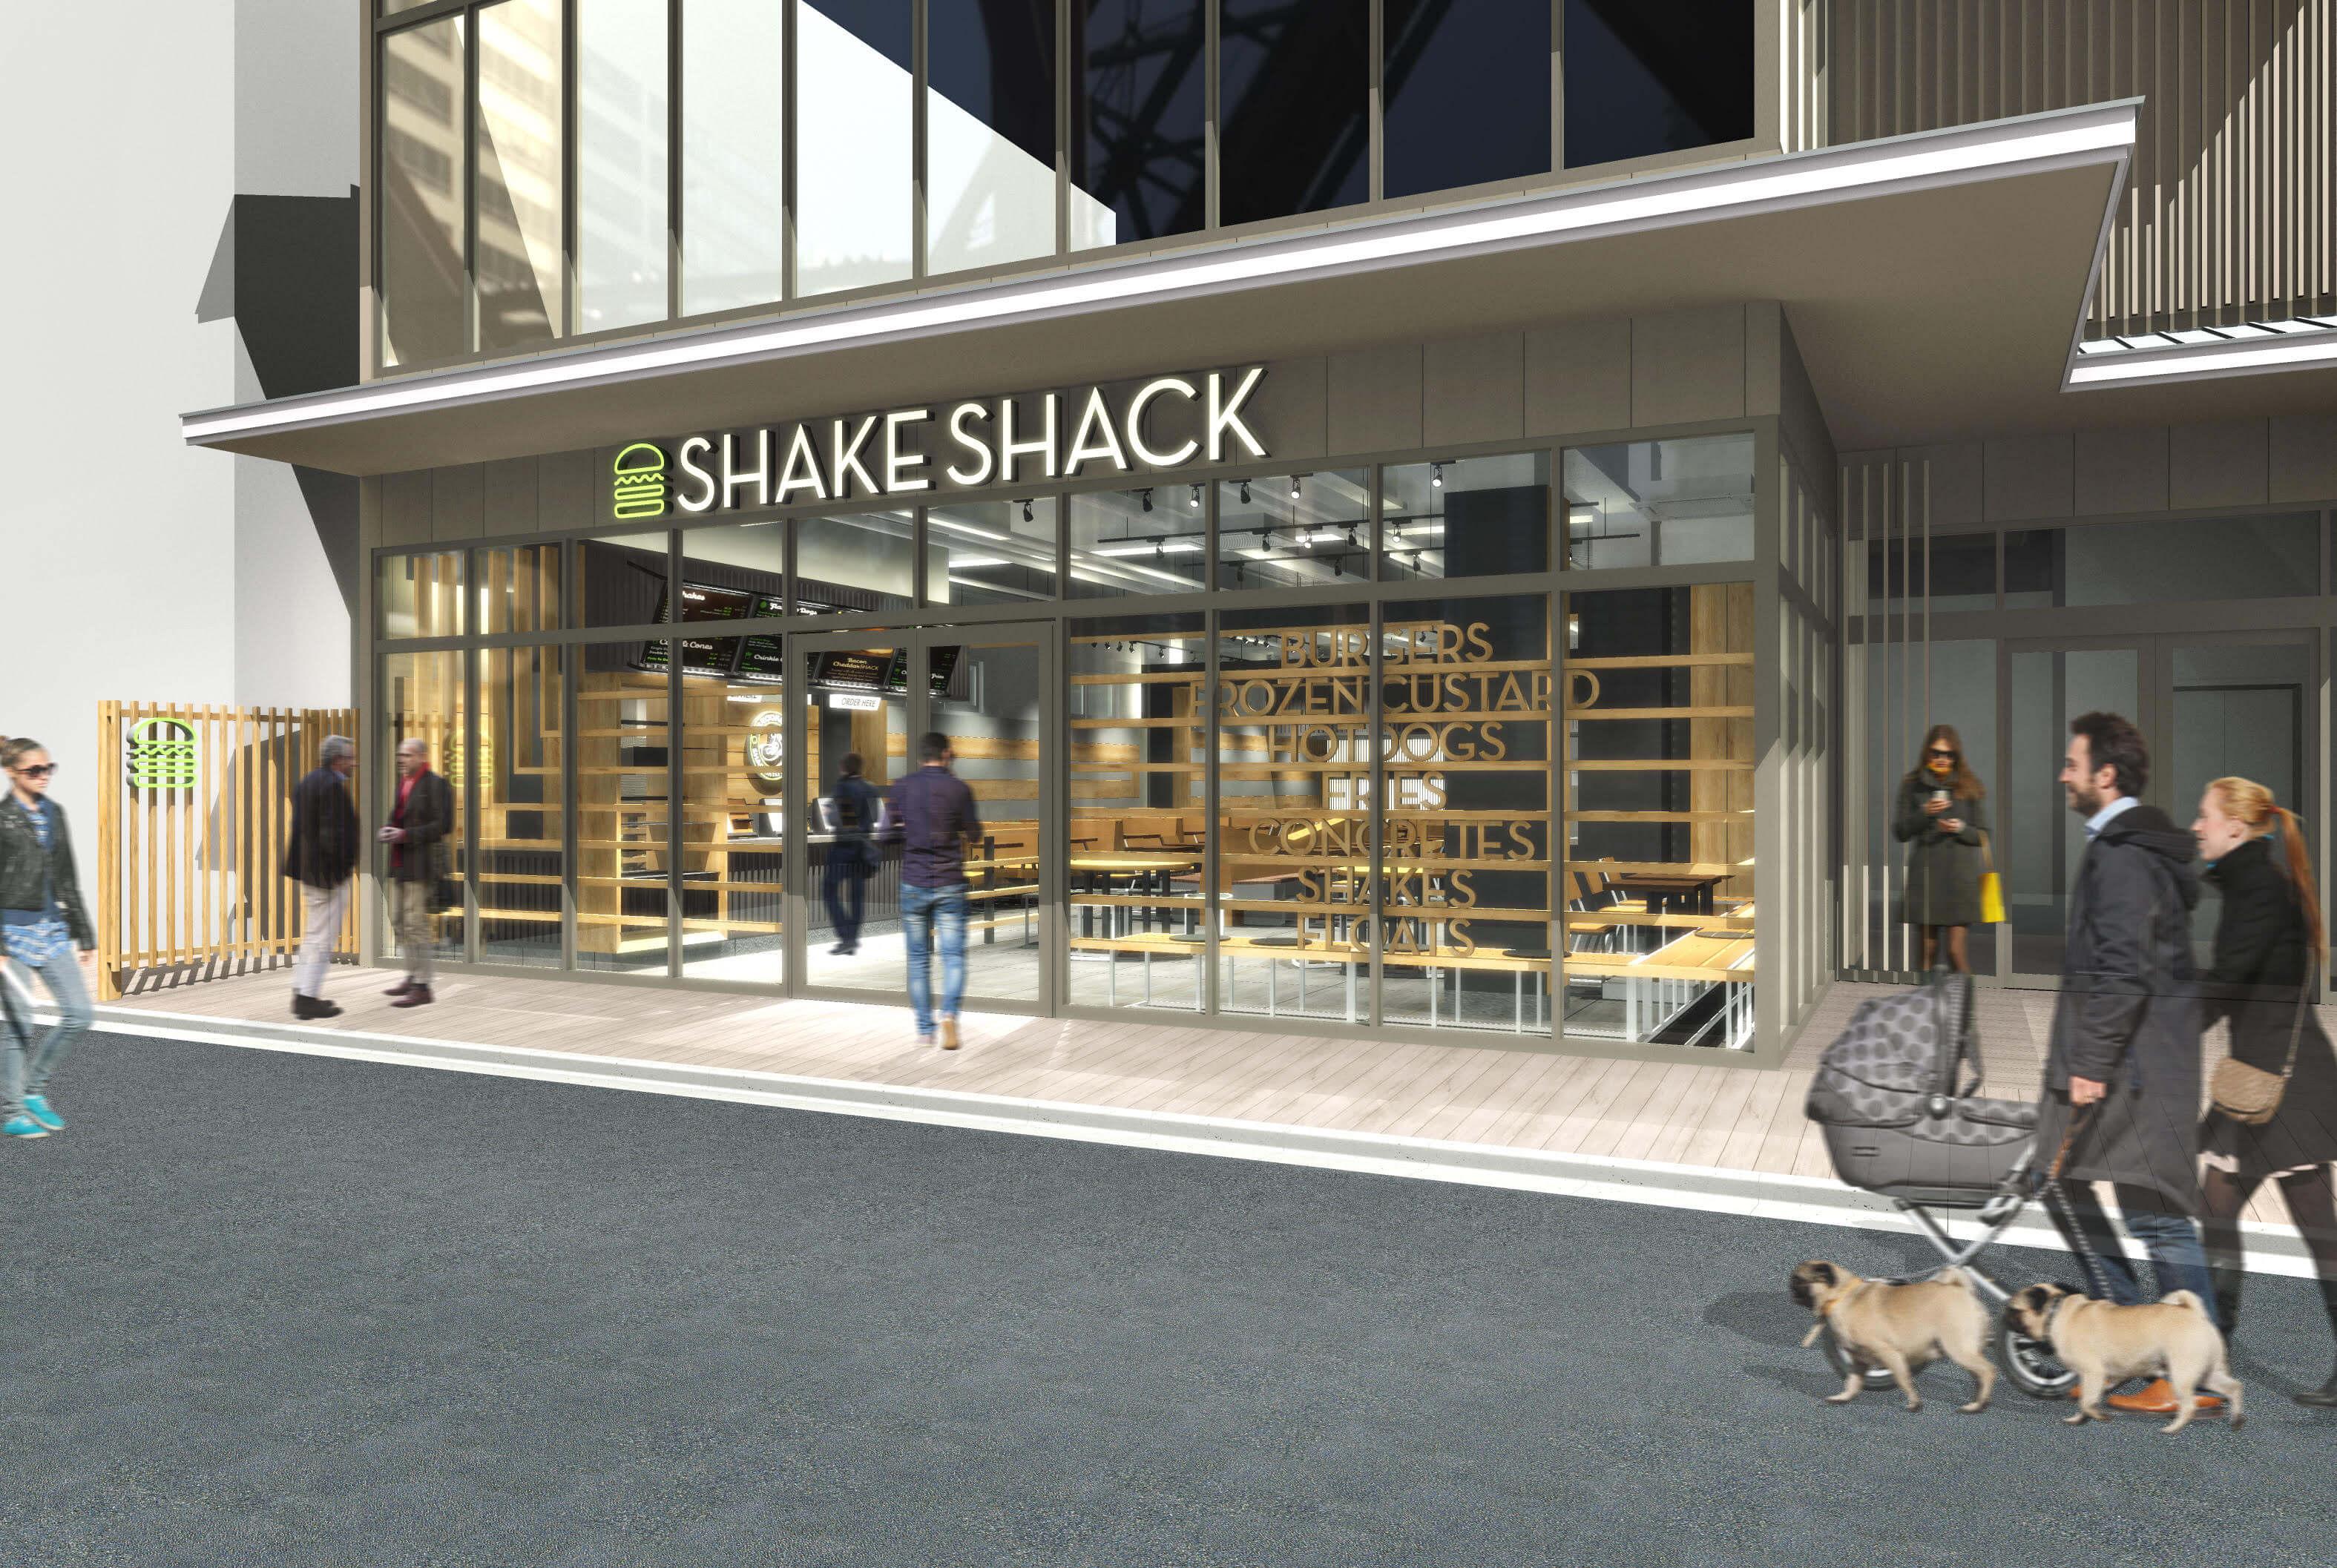 shake-shack_shake_shack_%e4%ba%ac%e9%83%bd%e5%9b%9b%e6%9d%a1%e7%83%8f%e4%b8%b8%e5%ba%97%e9%99%90%e5%ae%9a_%e5%ae%87%e6%b2%bb%e6%8a%b9%e8%8c%b6_kyoto_ujimatcha_new_open-2